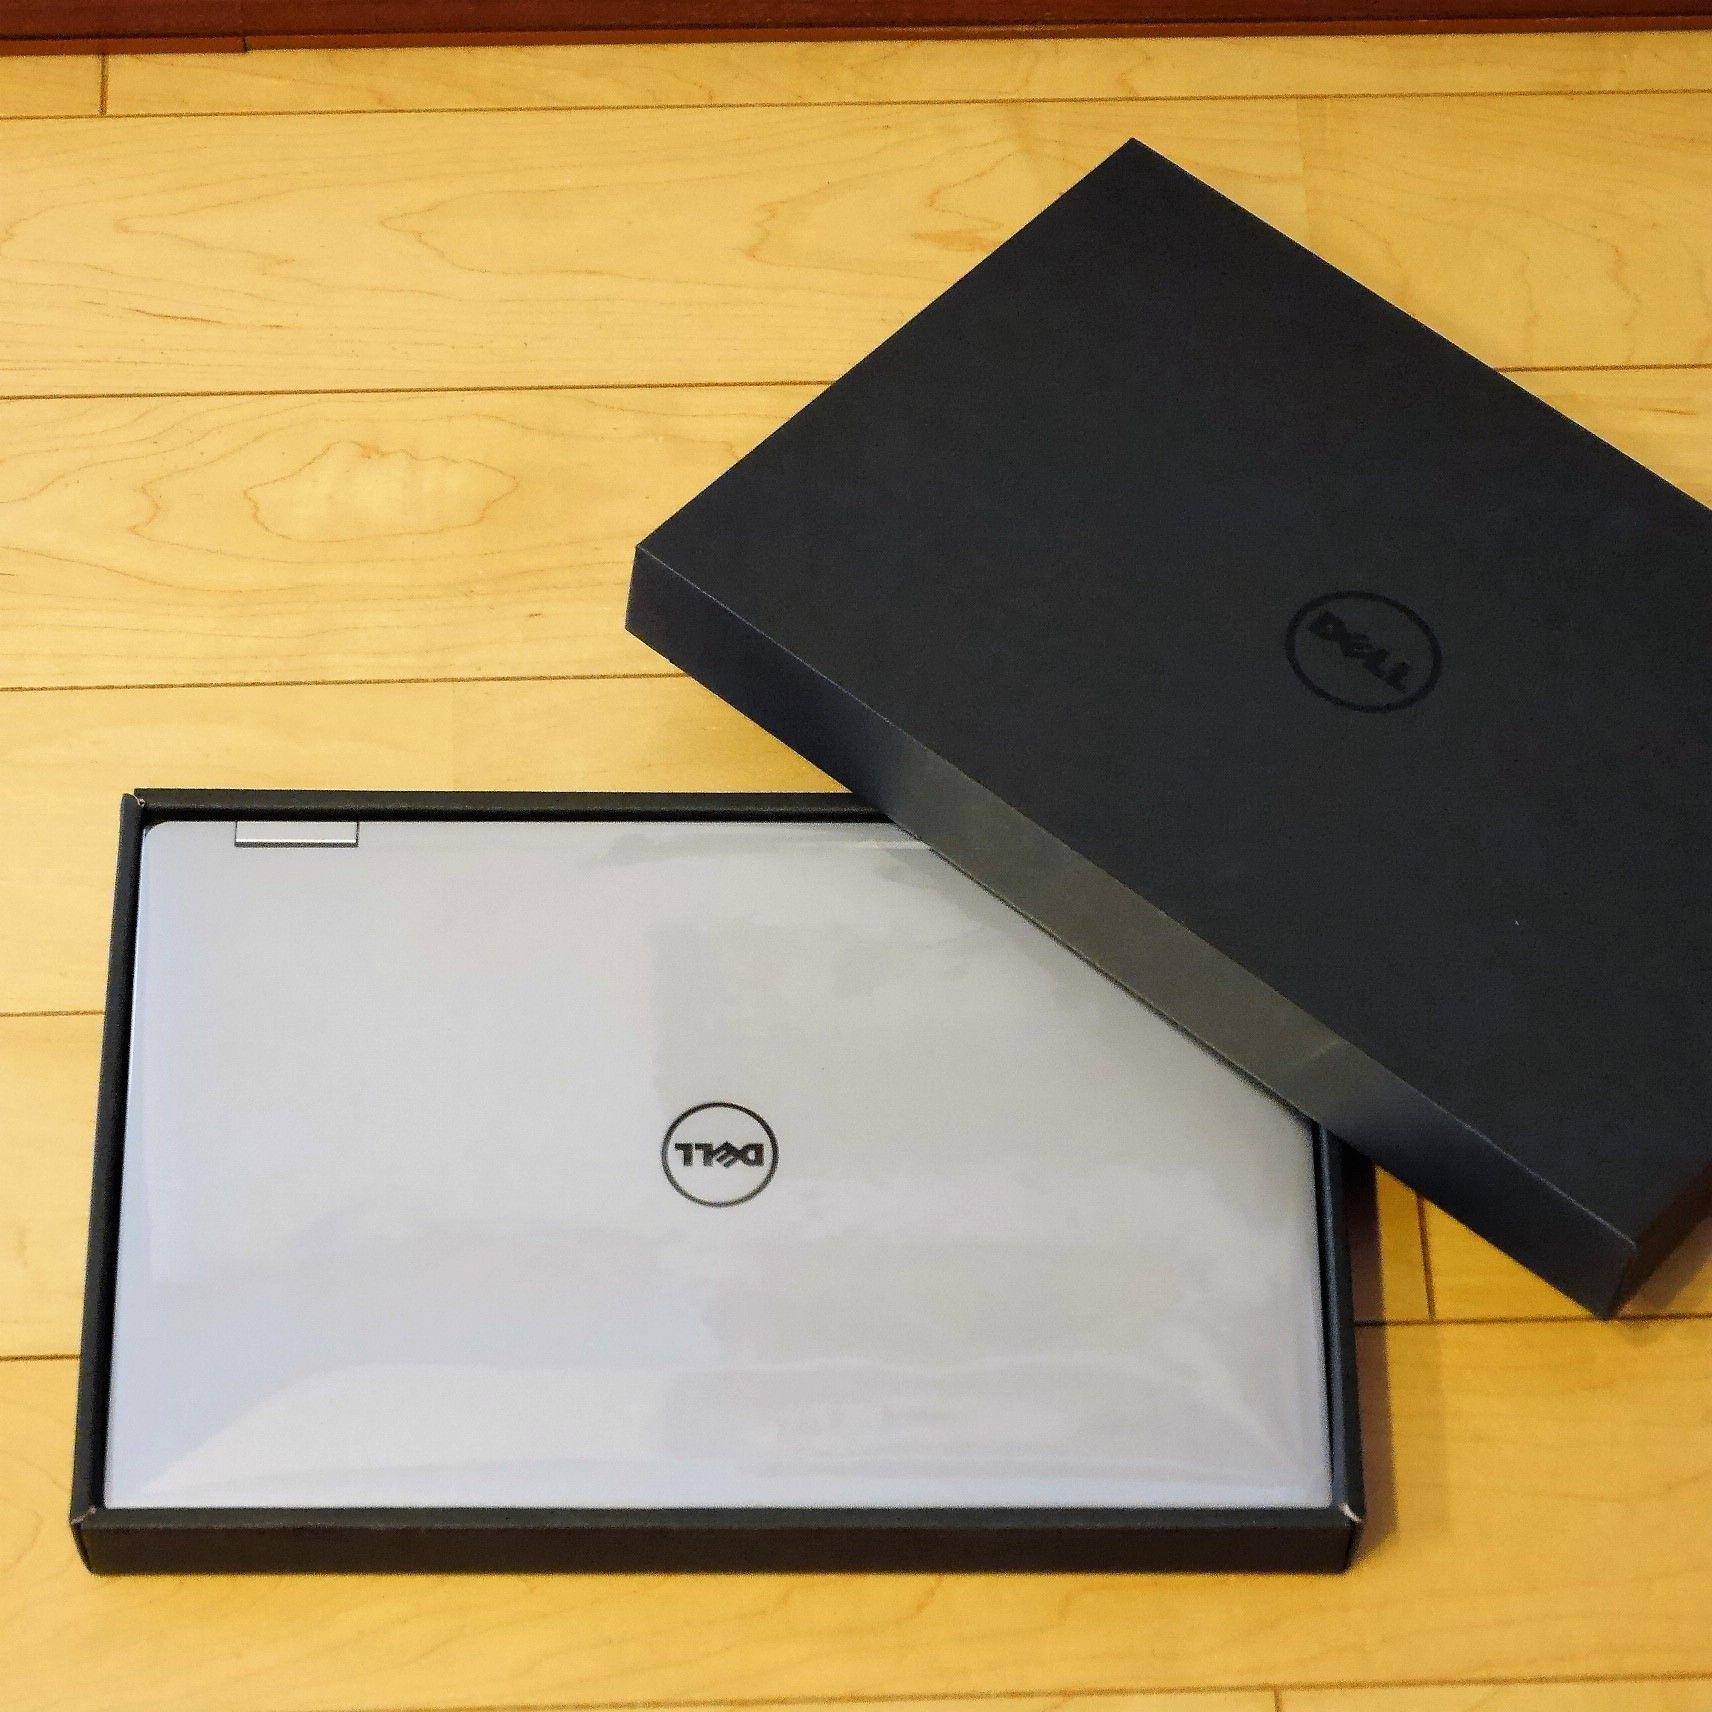 Dell_XPS_パッケージ